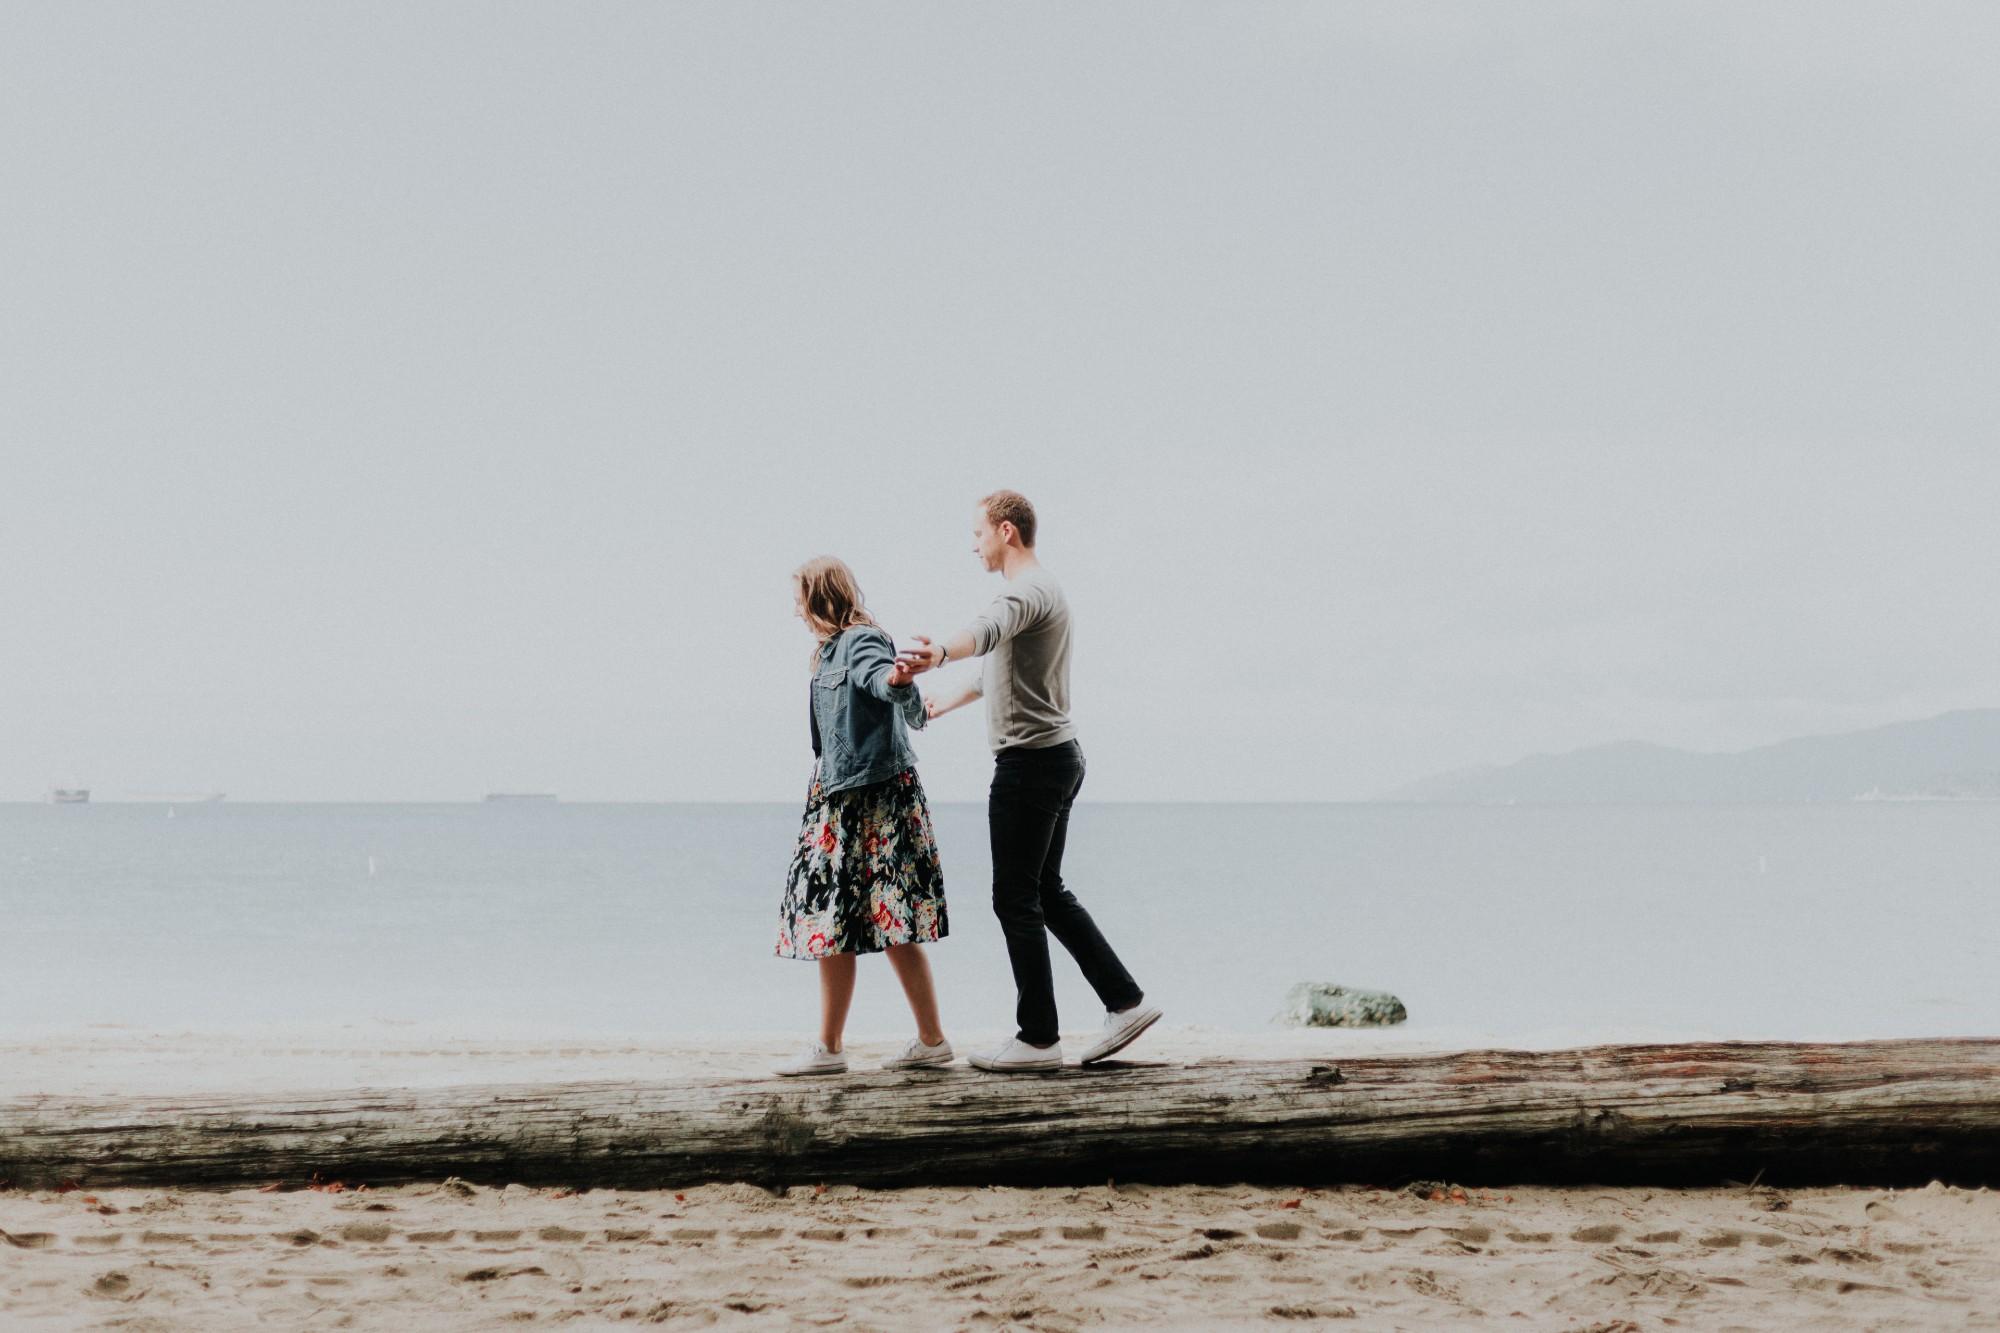 Un homme et une femme en équilibre sur un tronc de bois face à la mer.